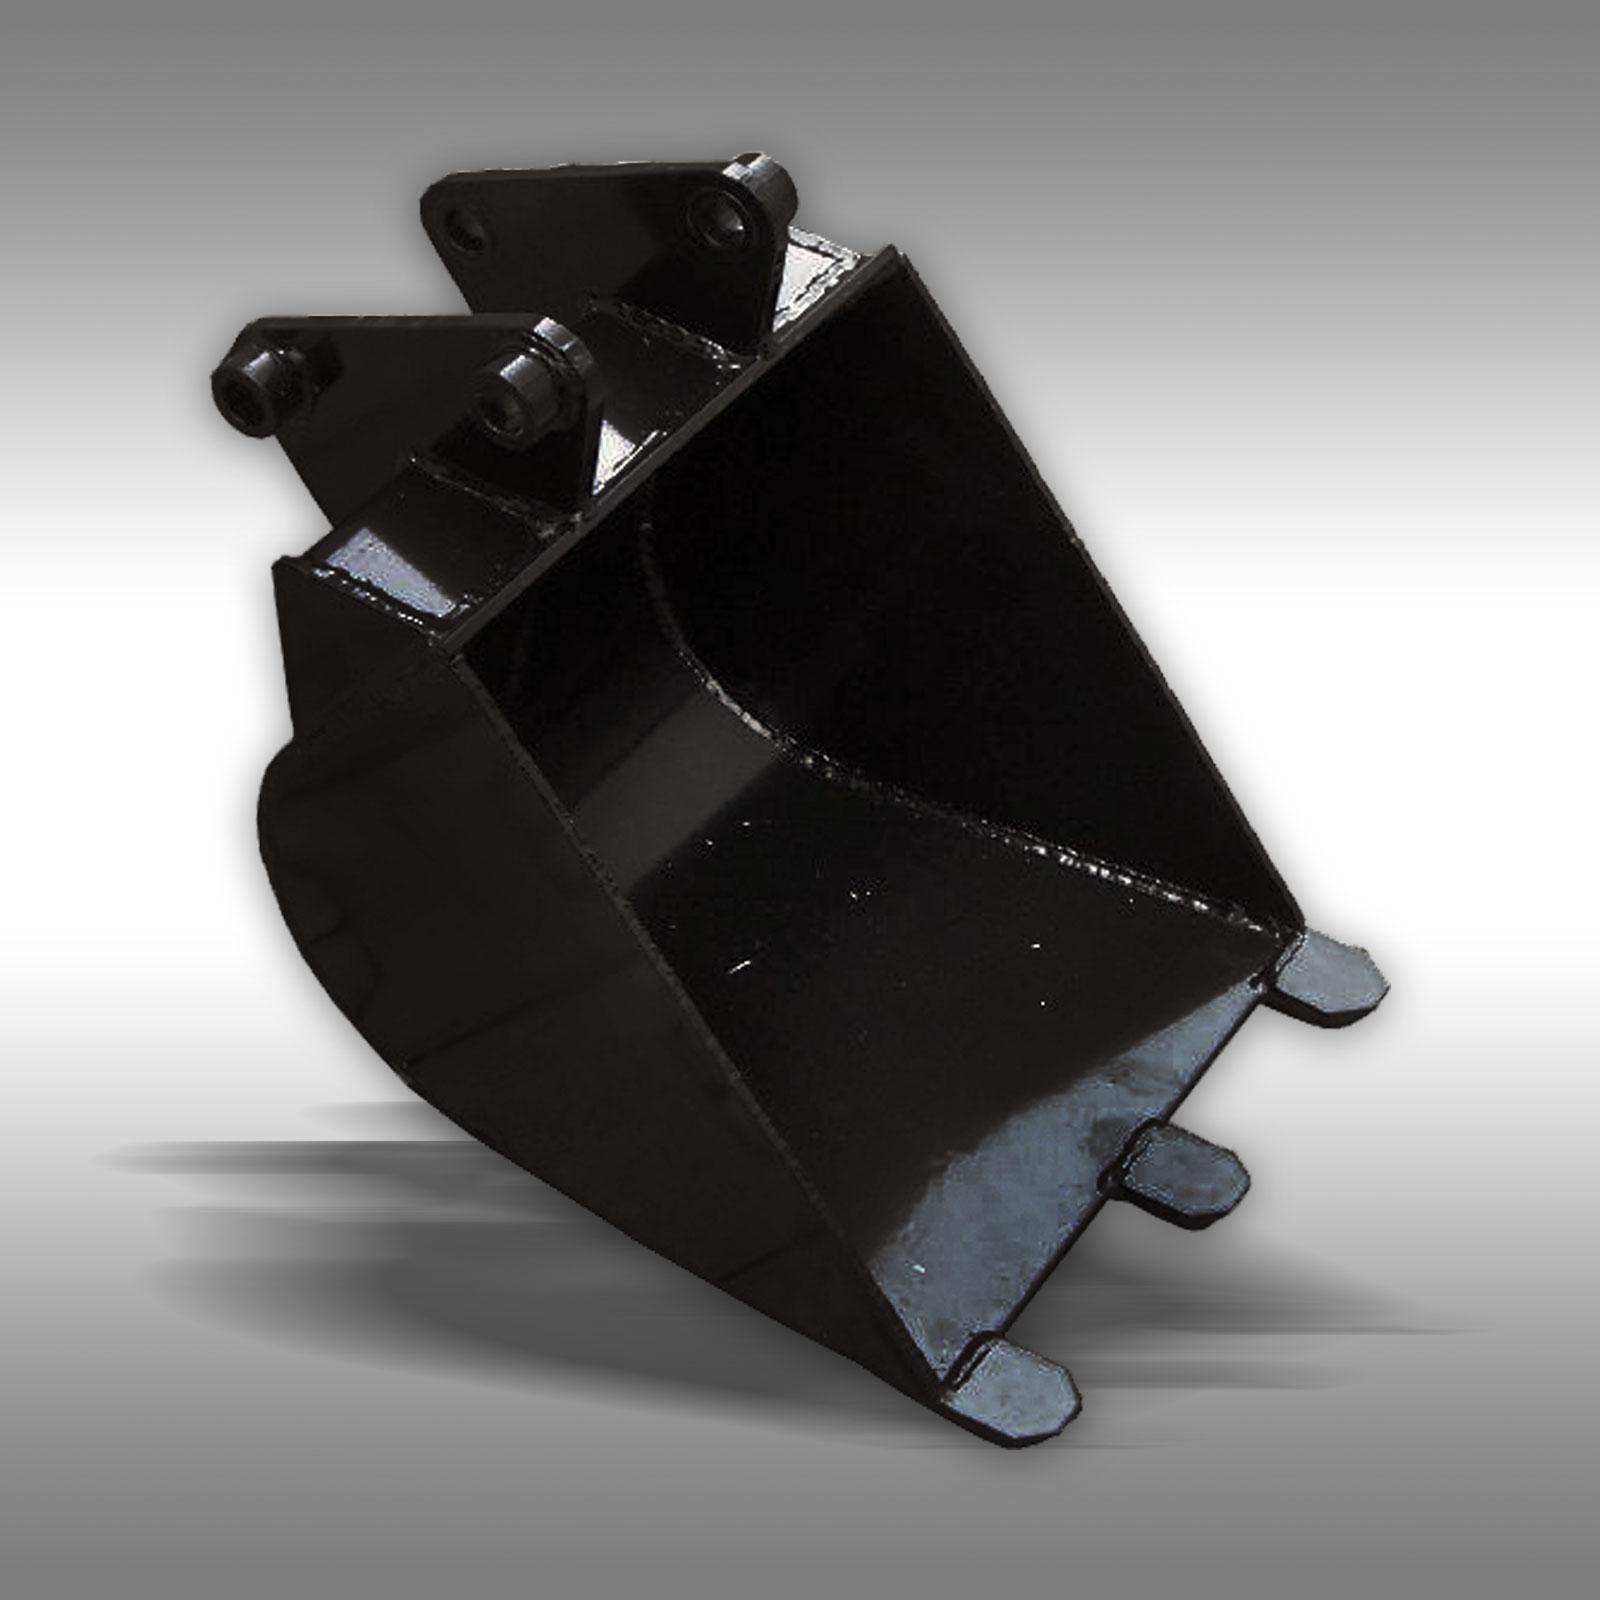 Jansen Graafbak 350 mm voor 9PK minigraafmachine MB-300